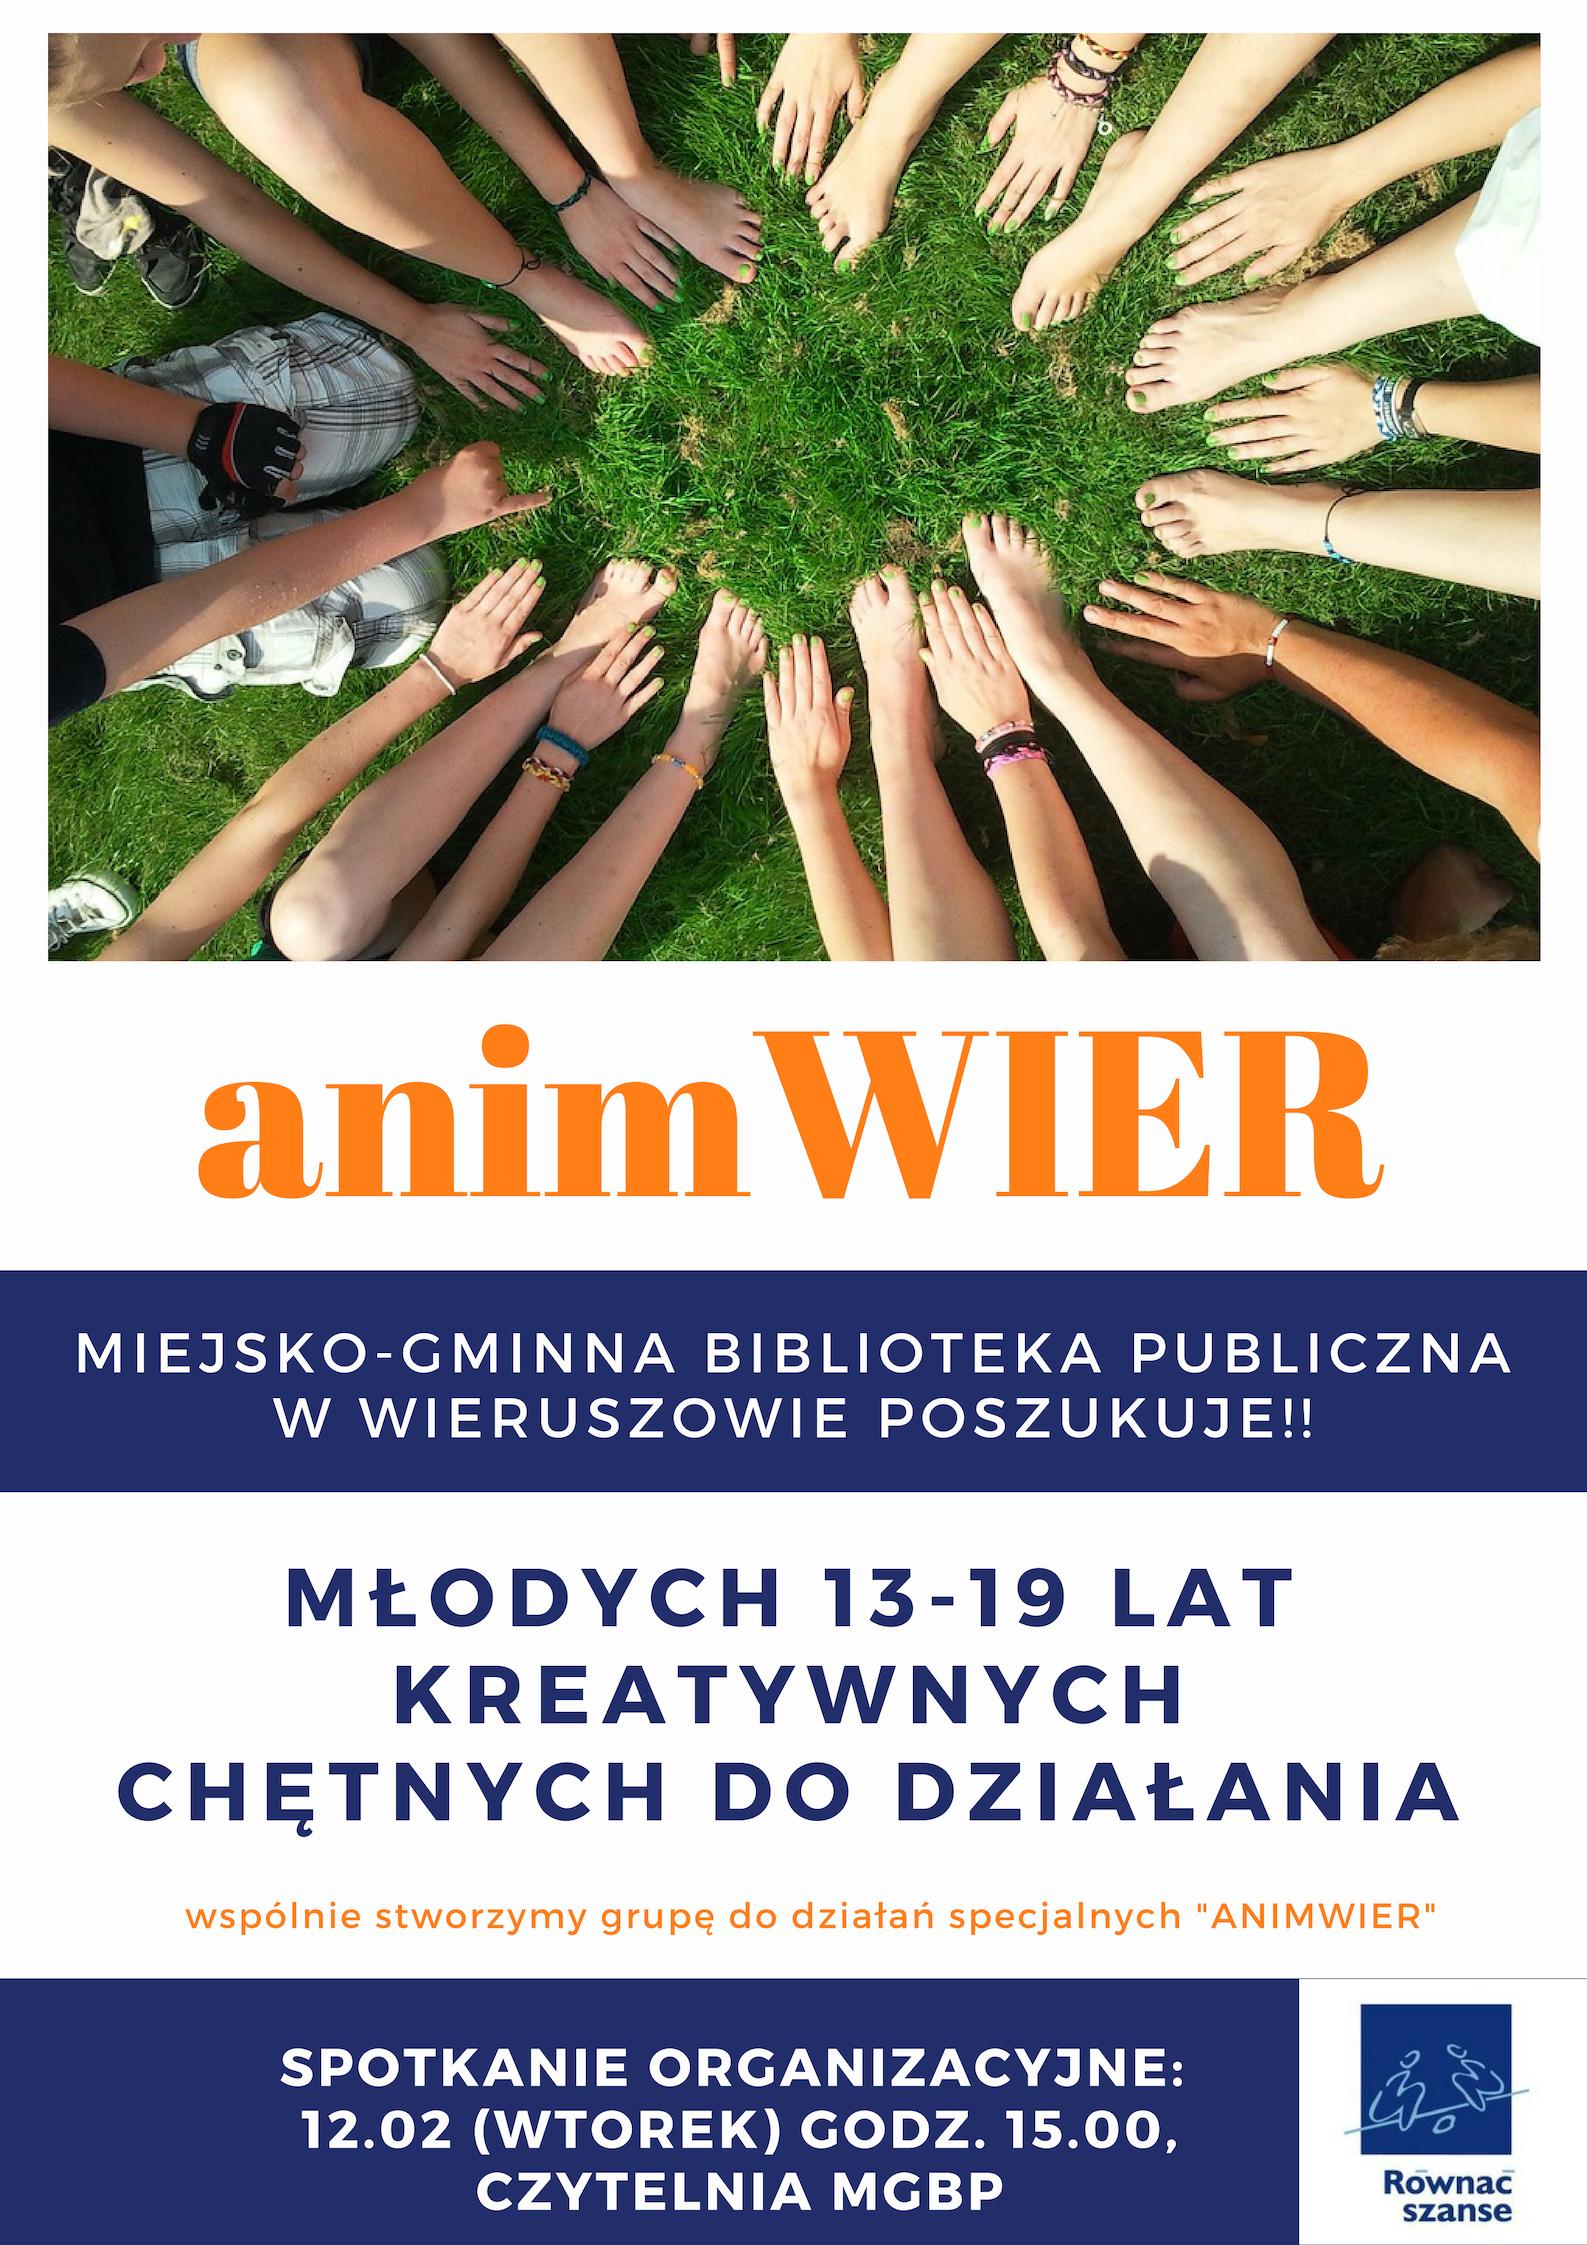 AnimWier!- ruszamy znowym projektem dlamłodzieży